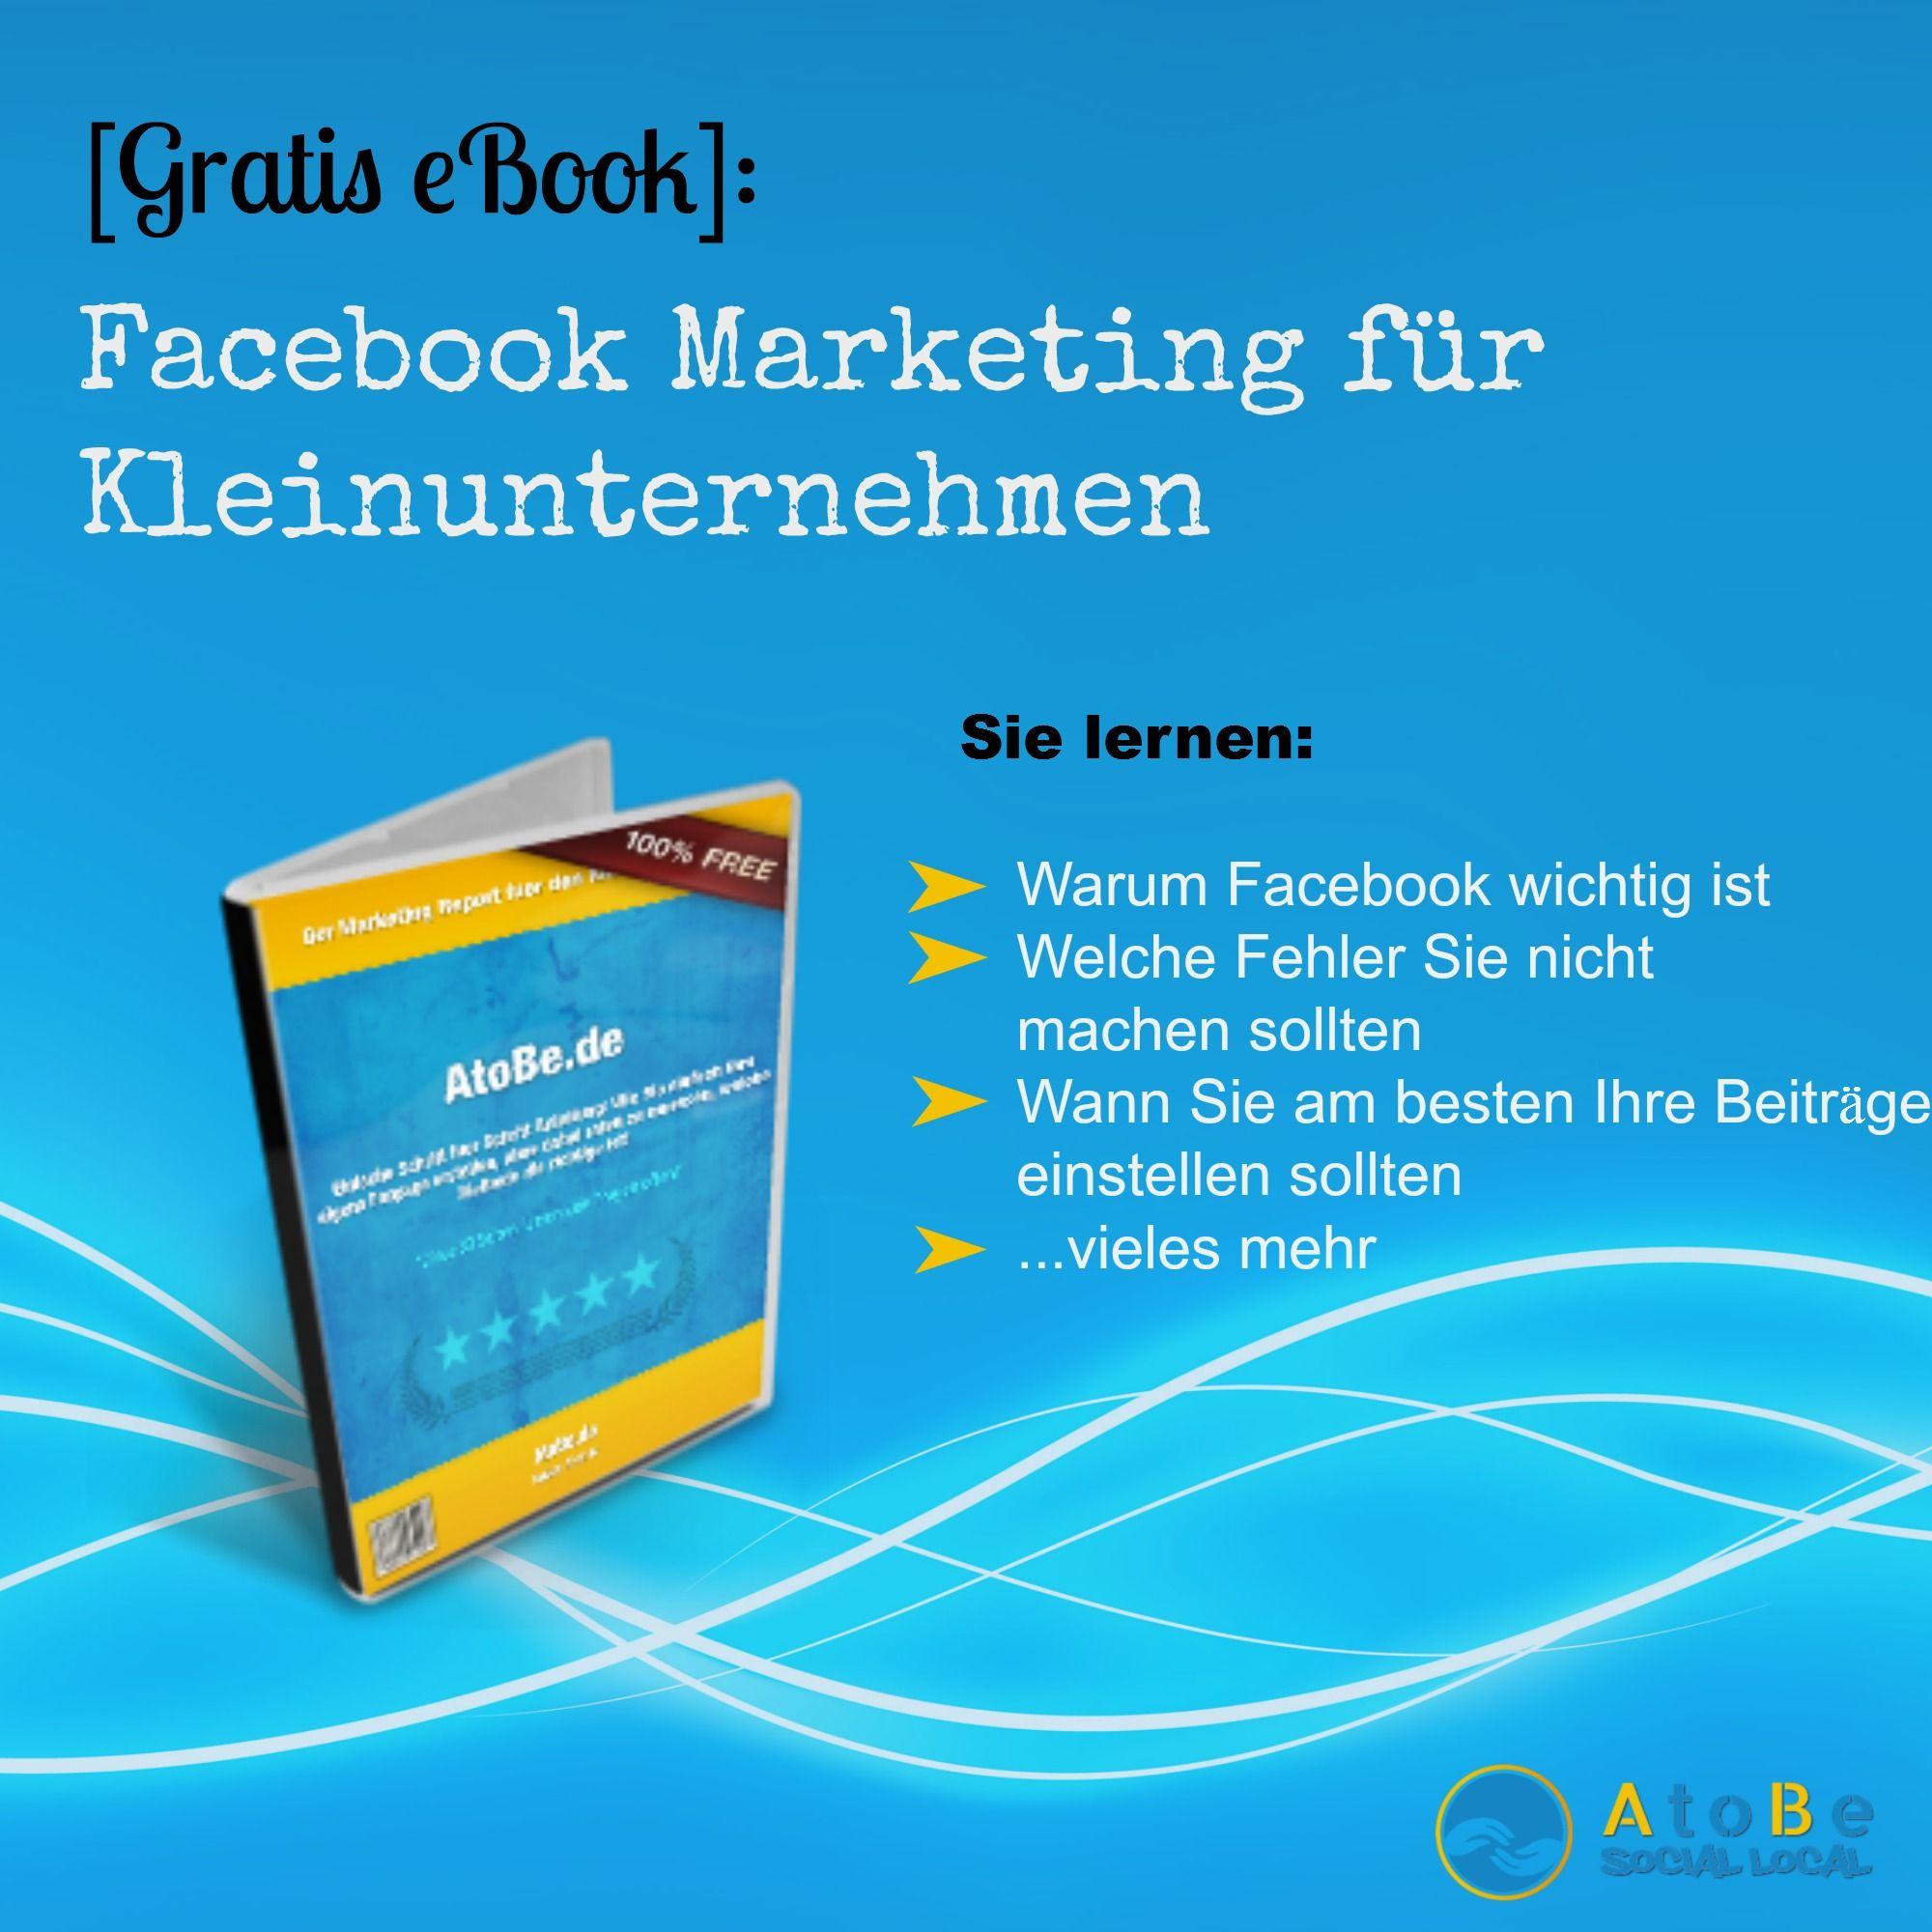 Laden Sie die Facebook-Anwendung herunter